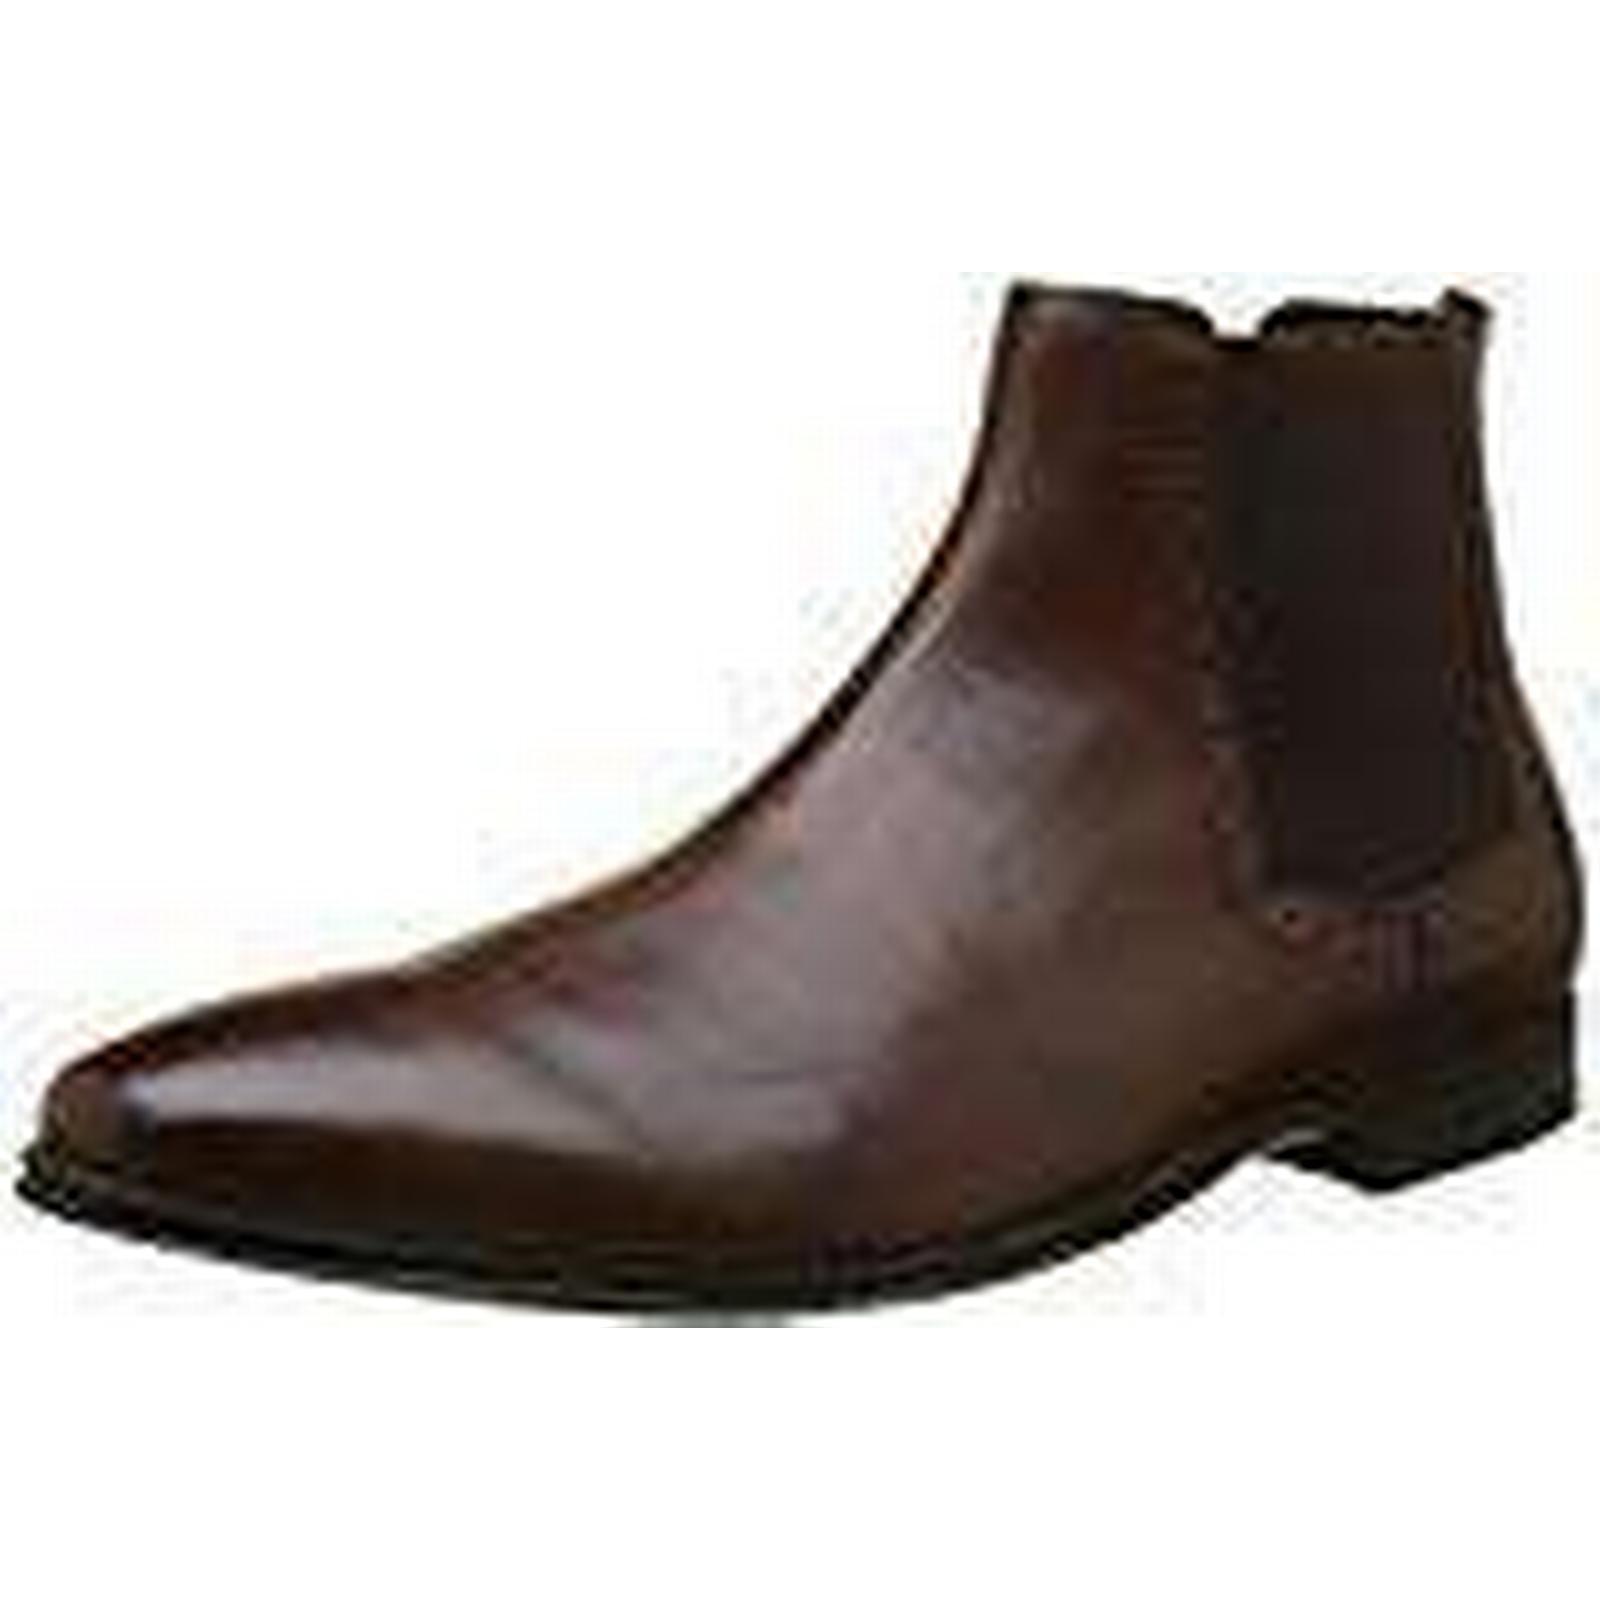 New Look Men's Leather Chelsea 27), Boots, Brown (Dark Brown 27), Chelsea 10 UK 44 EU 35f069